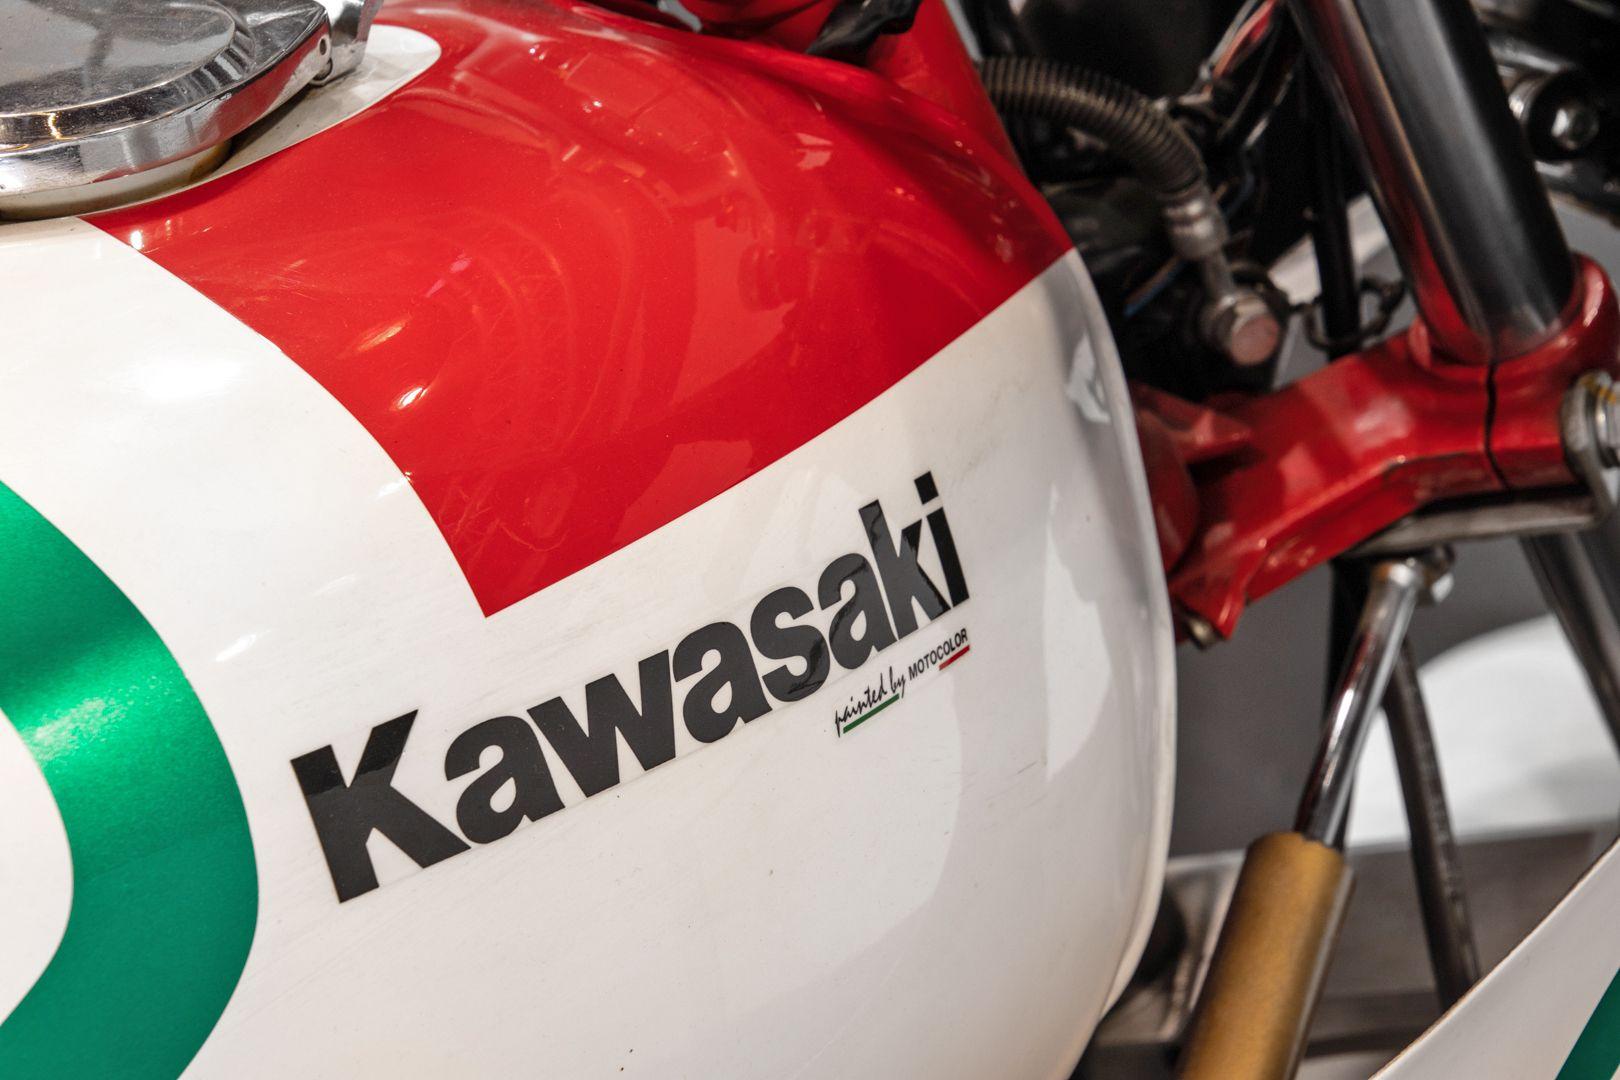 1976 Kawasaki Bimota 900 74825